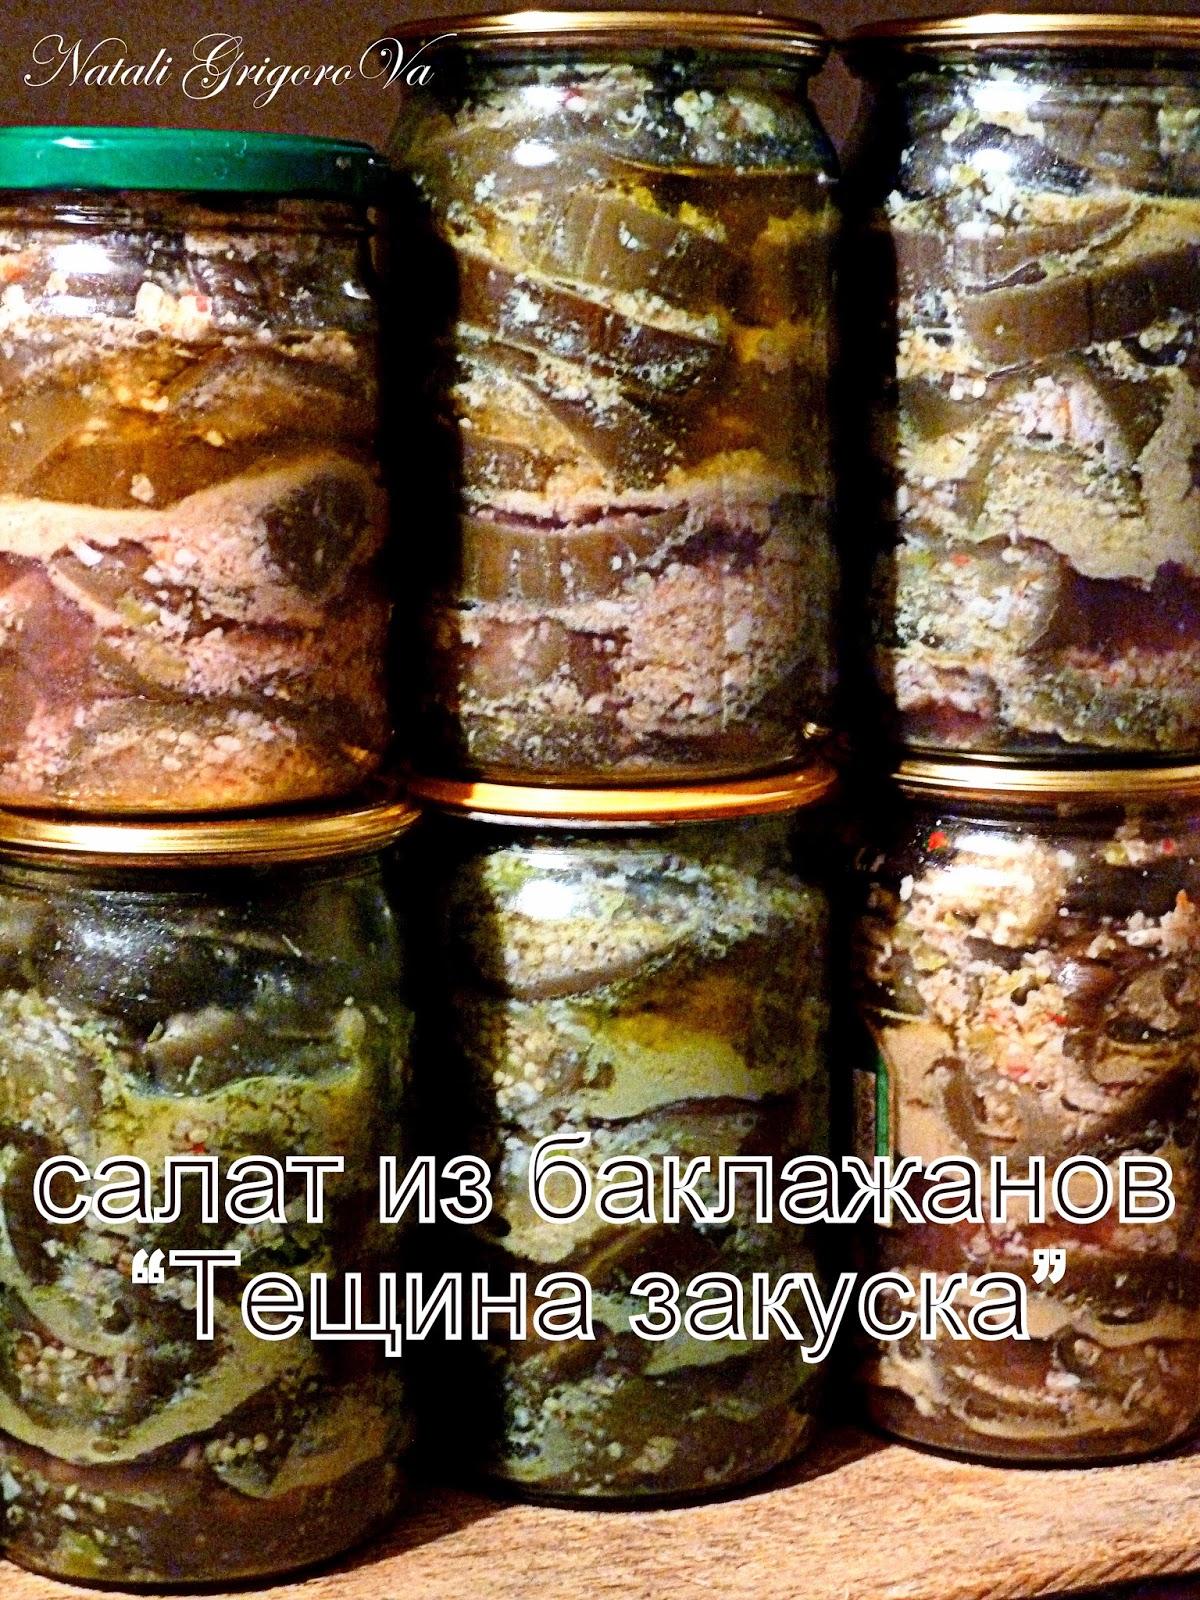 Заготовки из баклажан: самые вкусные рецепты с фото! - 8 Ложек